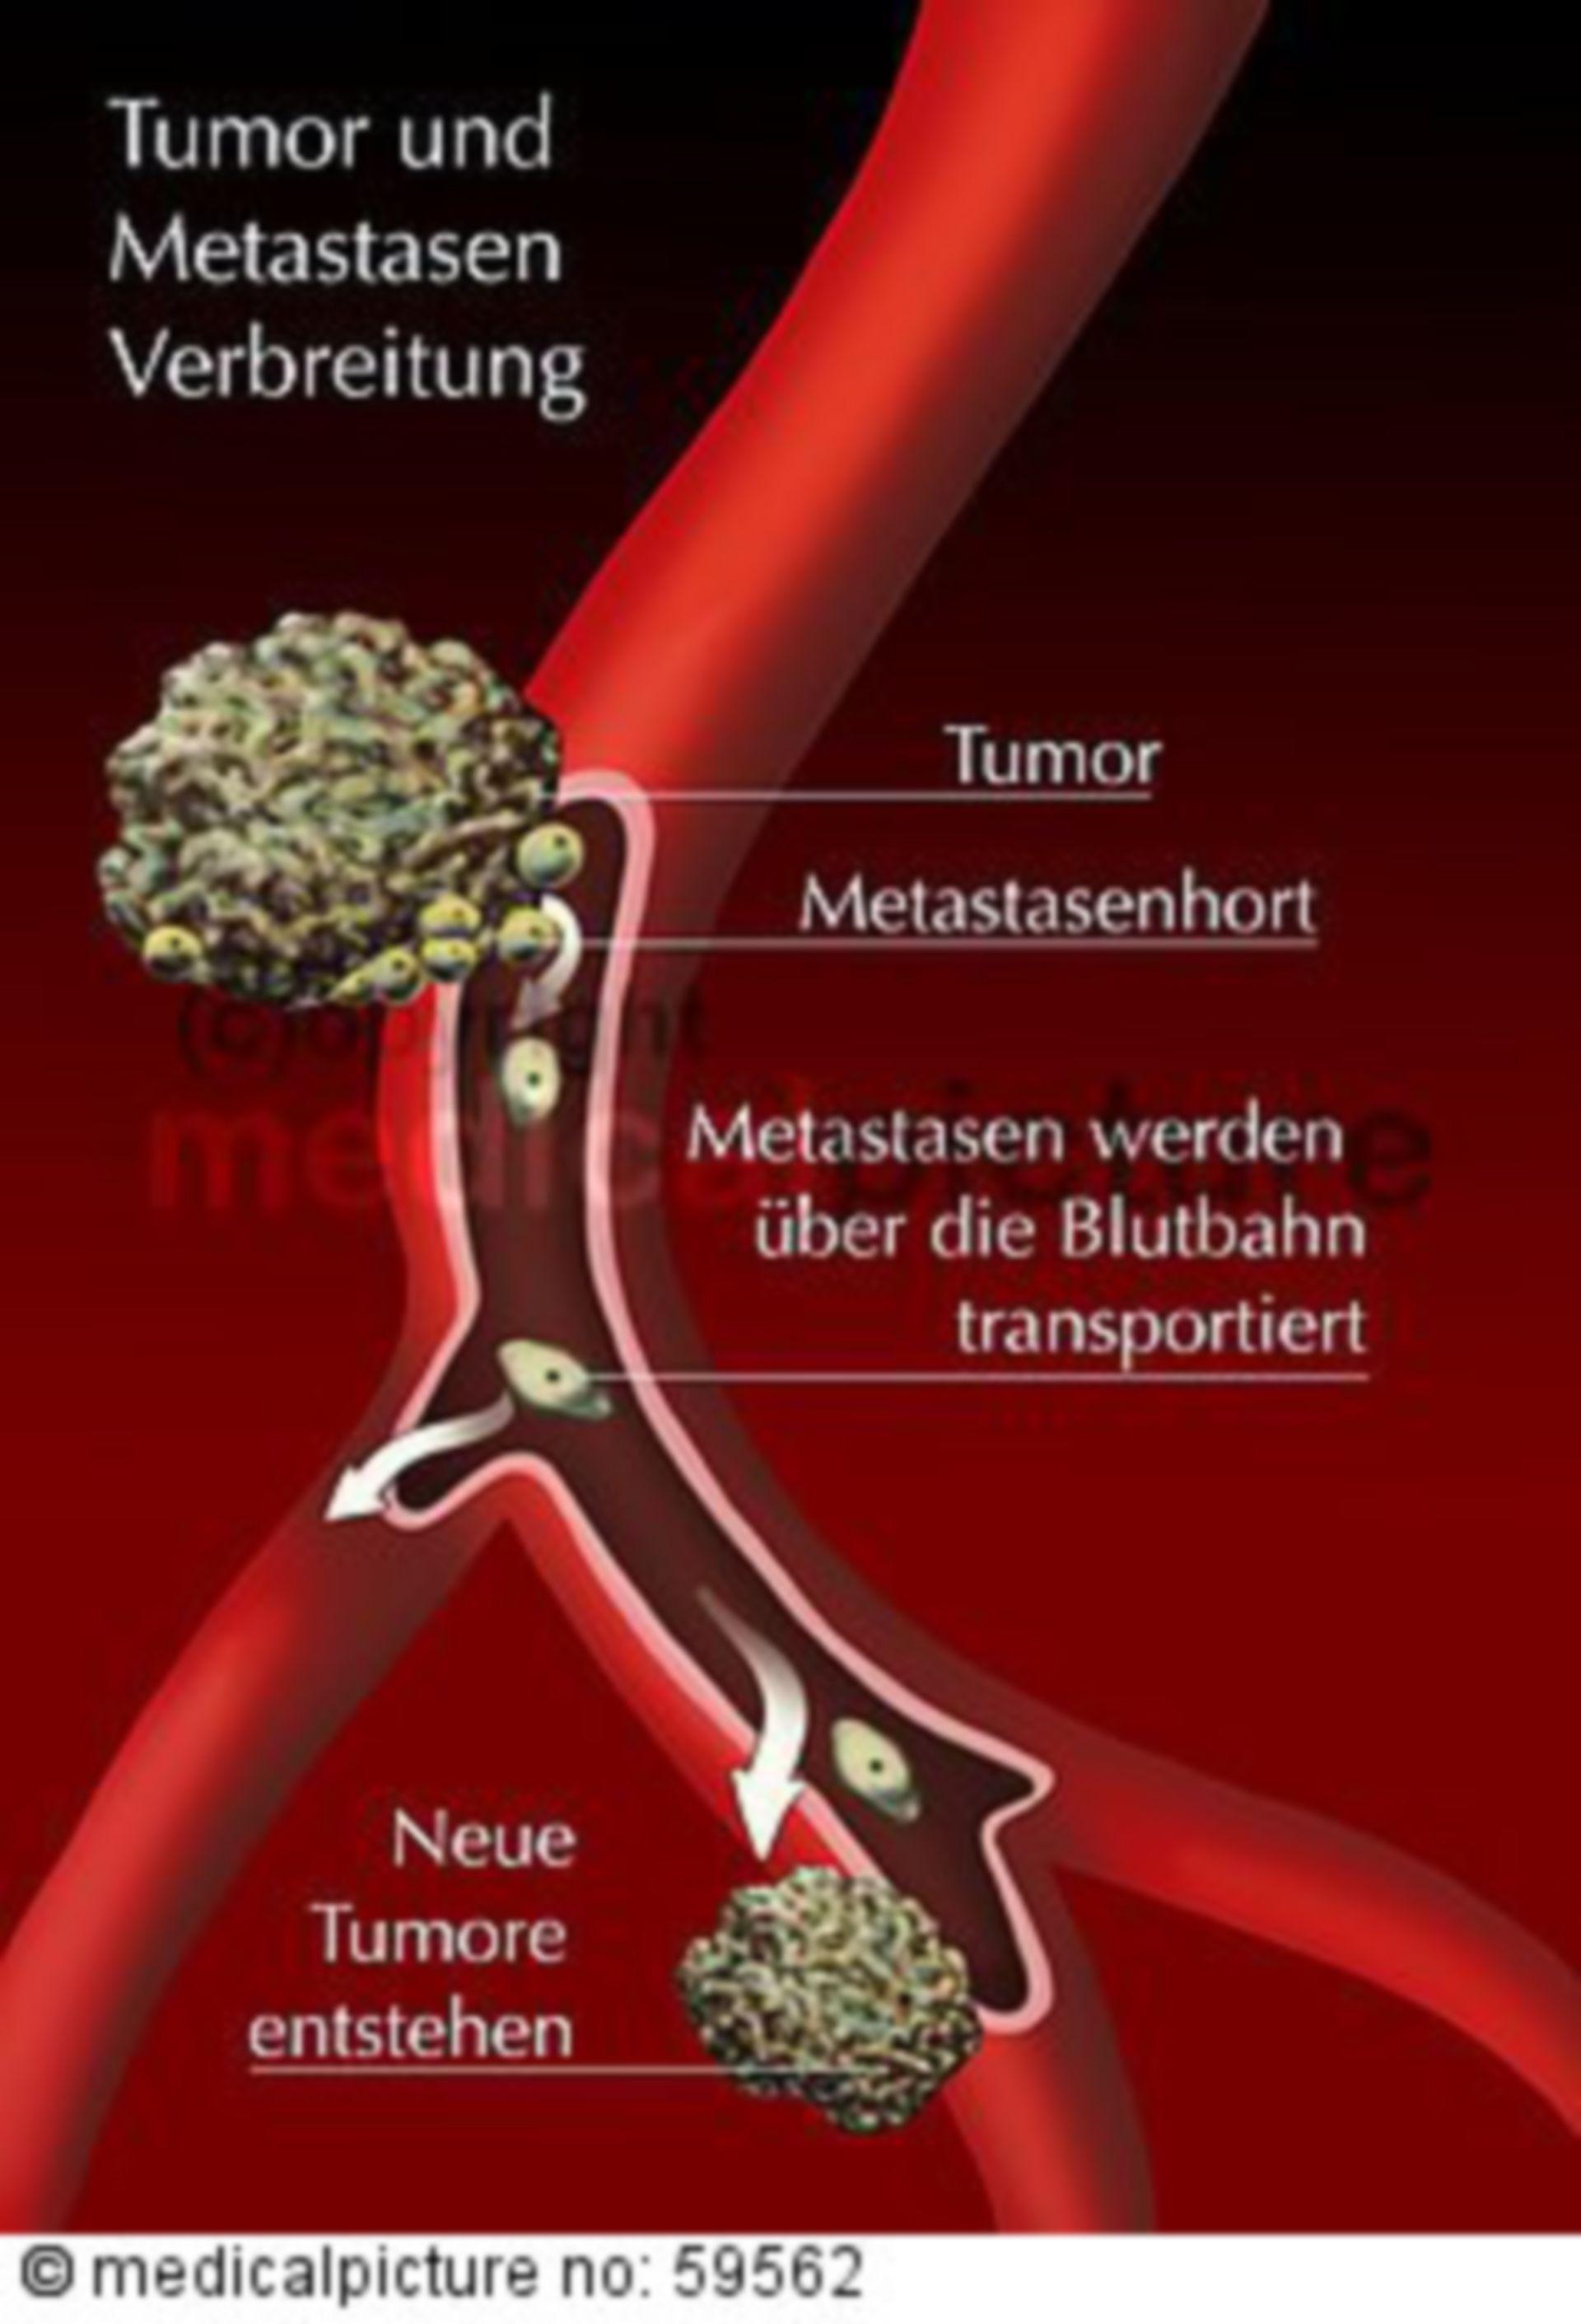 Metastasierungswege